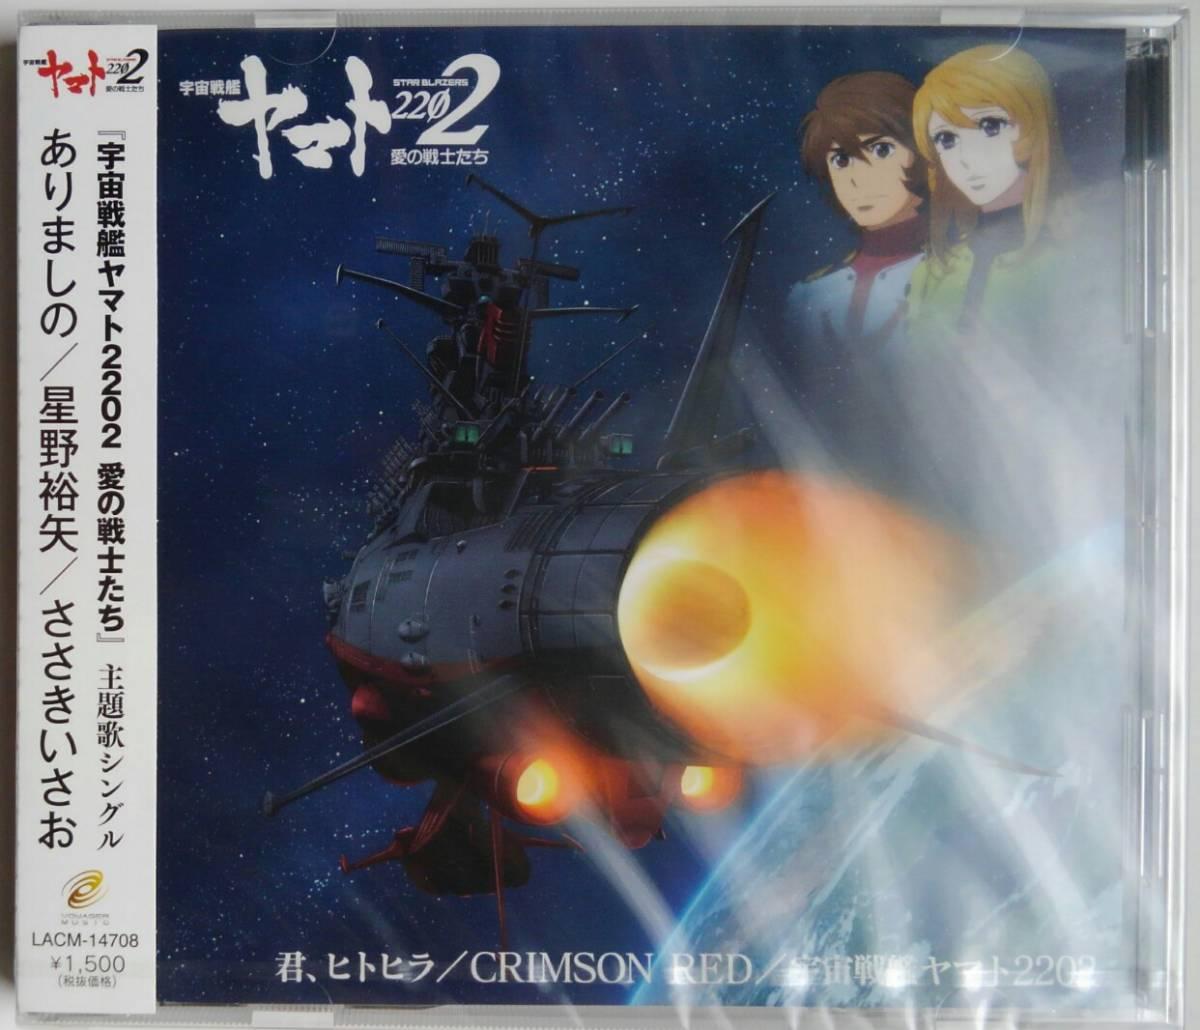 ■即決■新品 宇宙戦艦ヤマト2202 主題歌シングル第二弾 君、ヒトヒラ CRIMSON RED ありましの 星野裕矢 ささきいさお_表